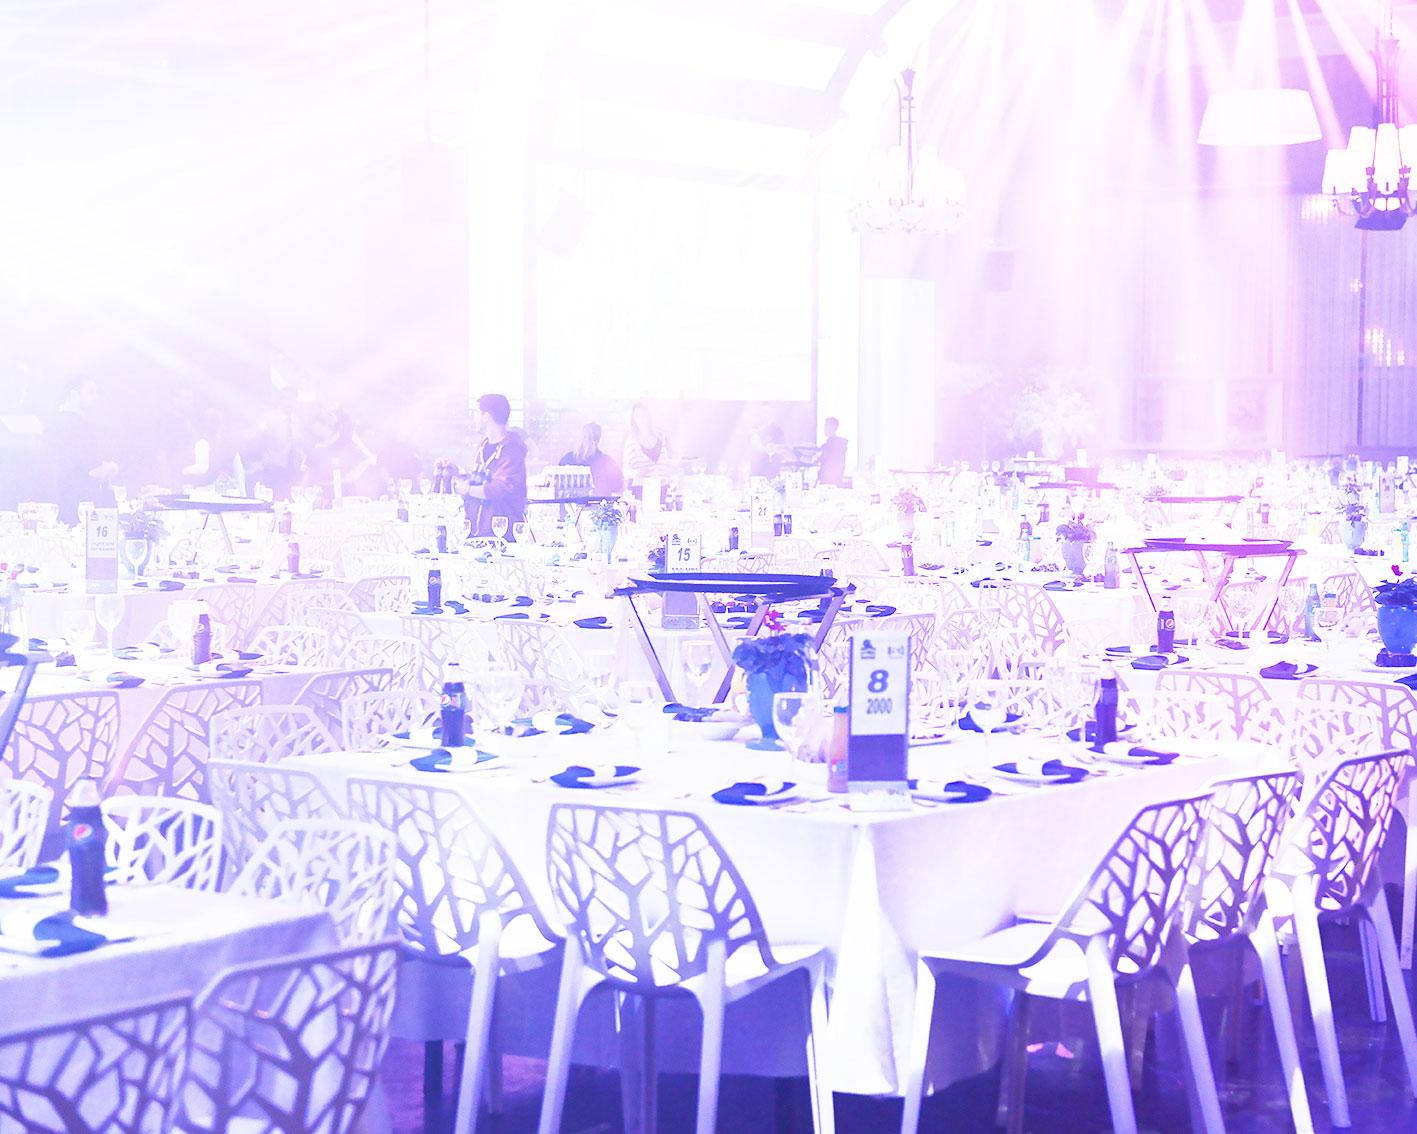 אחוזת סנדרין ארוע המוני 1000 איש